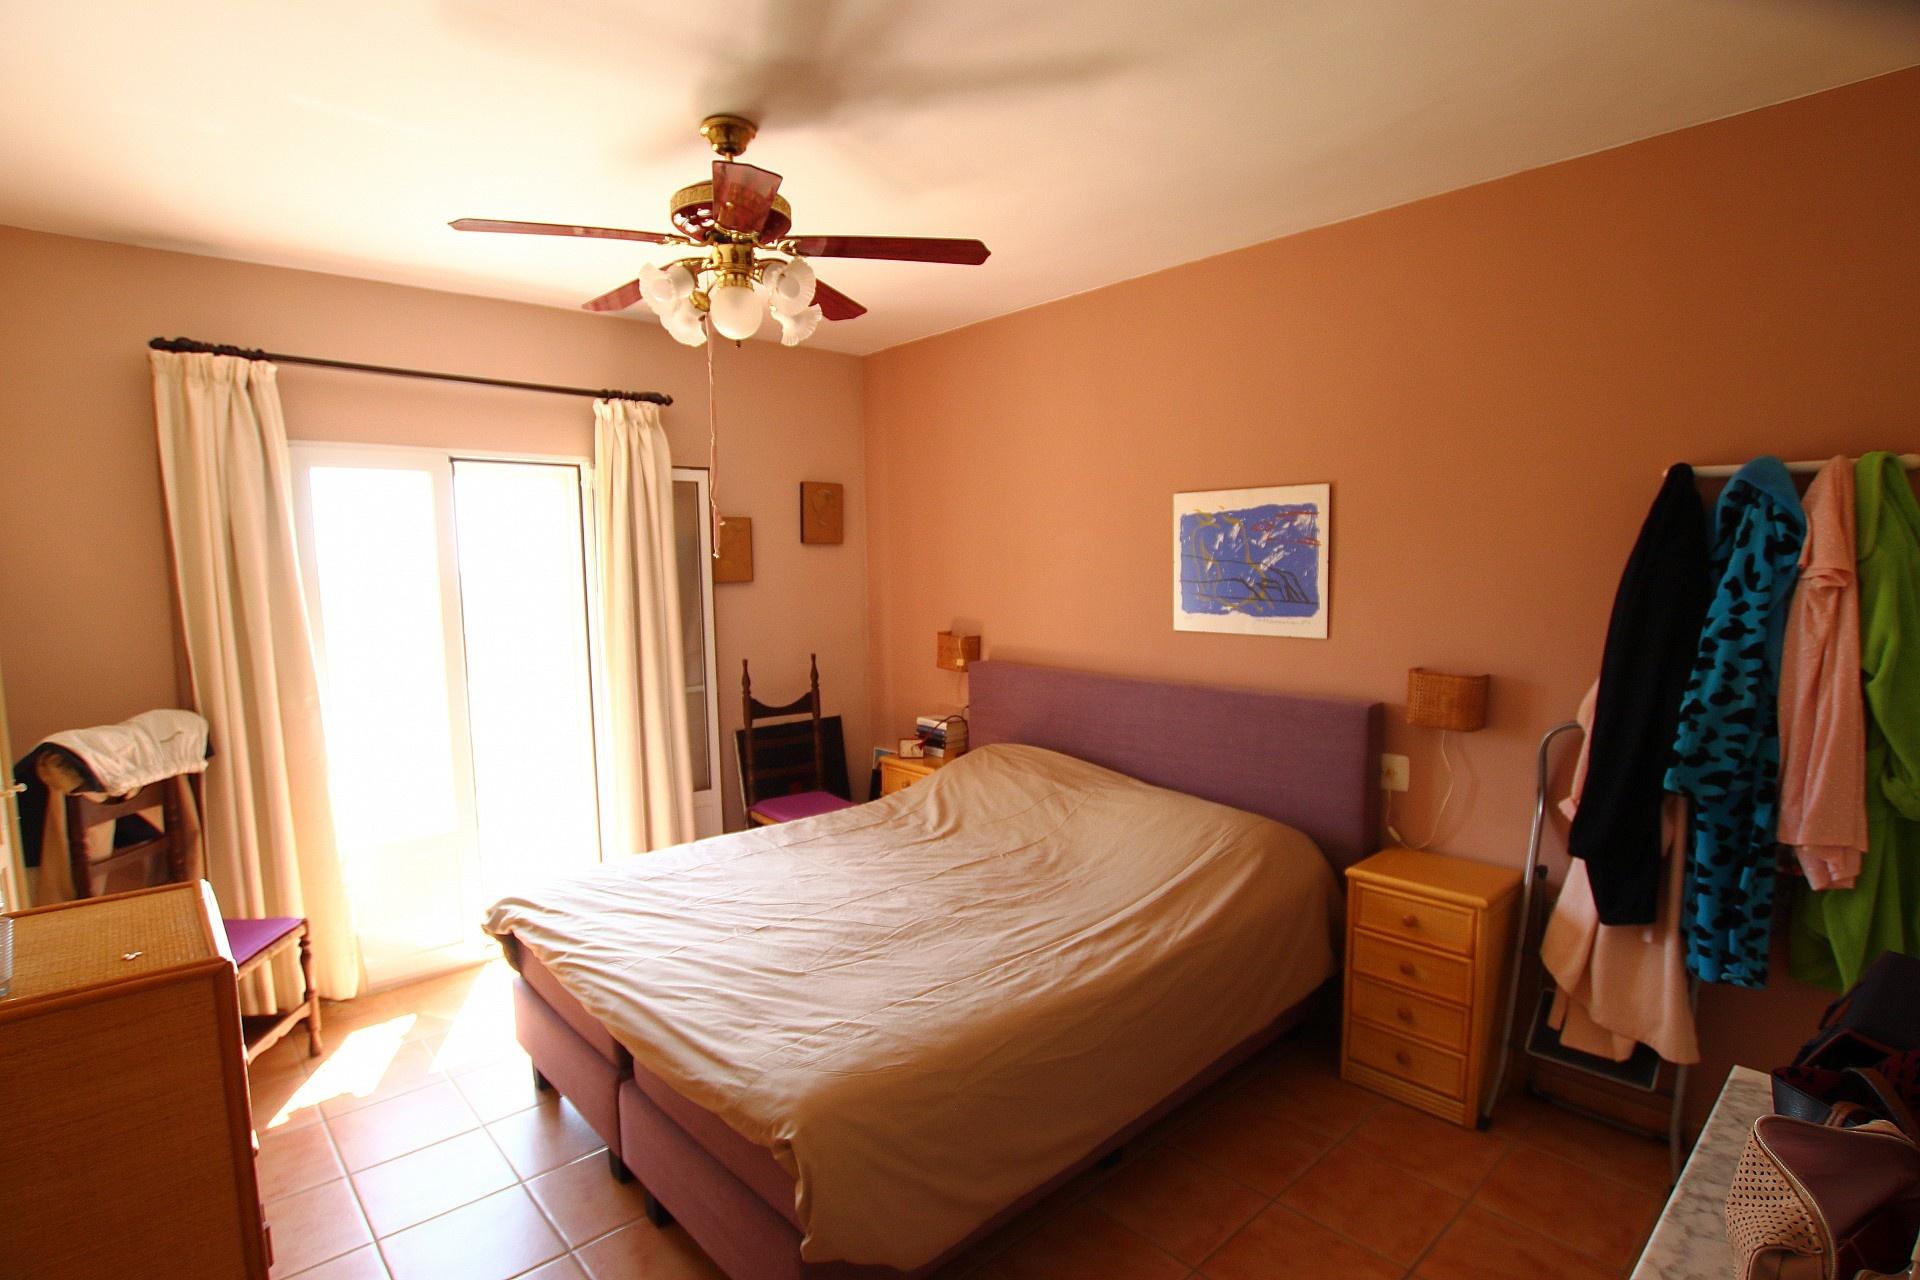 w_slaapkamer-2-1.jpg